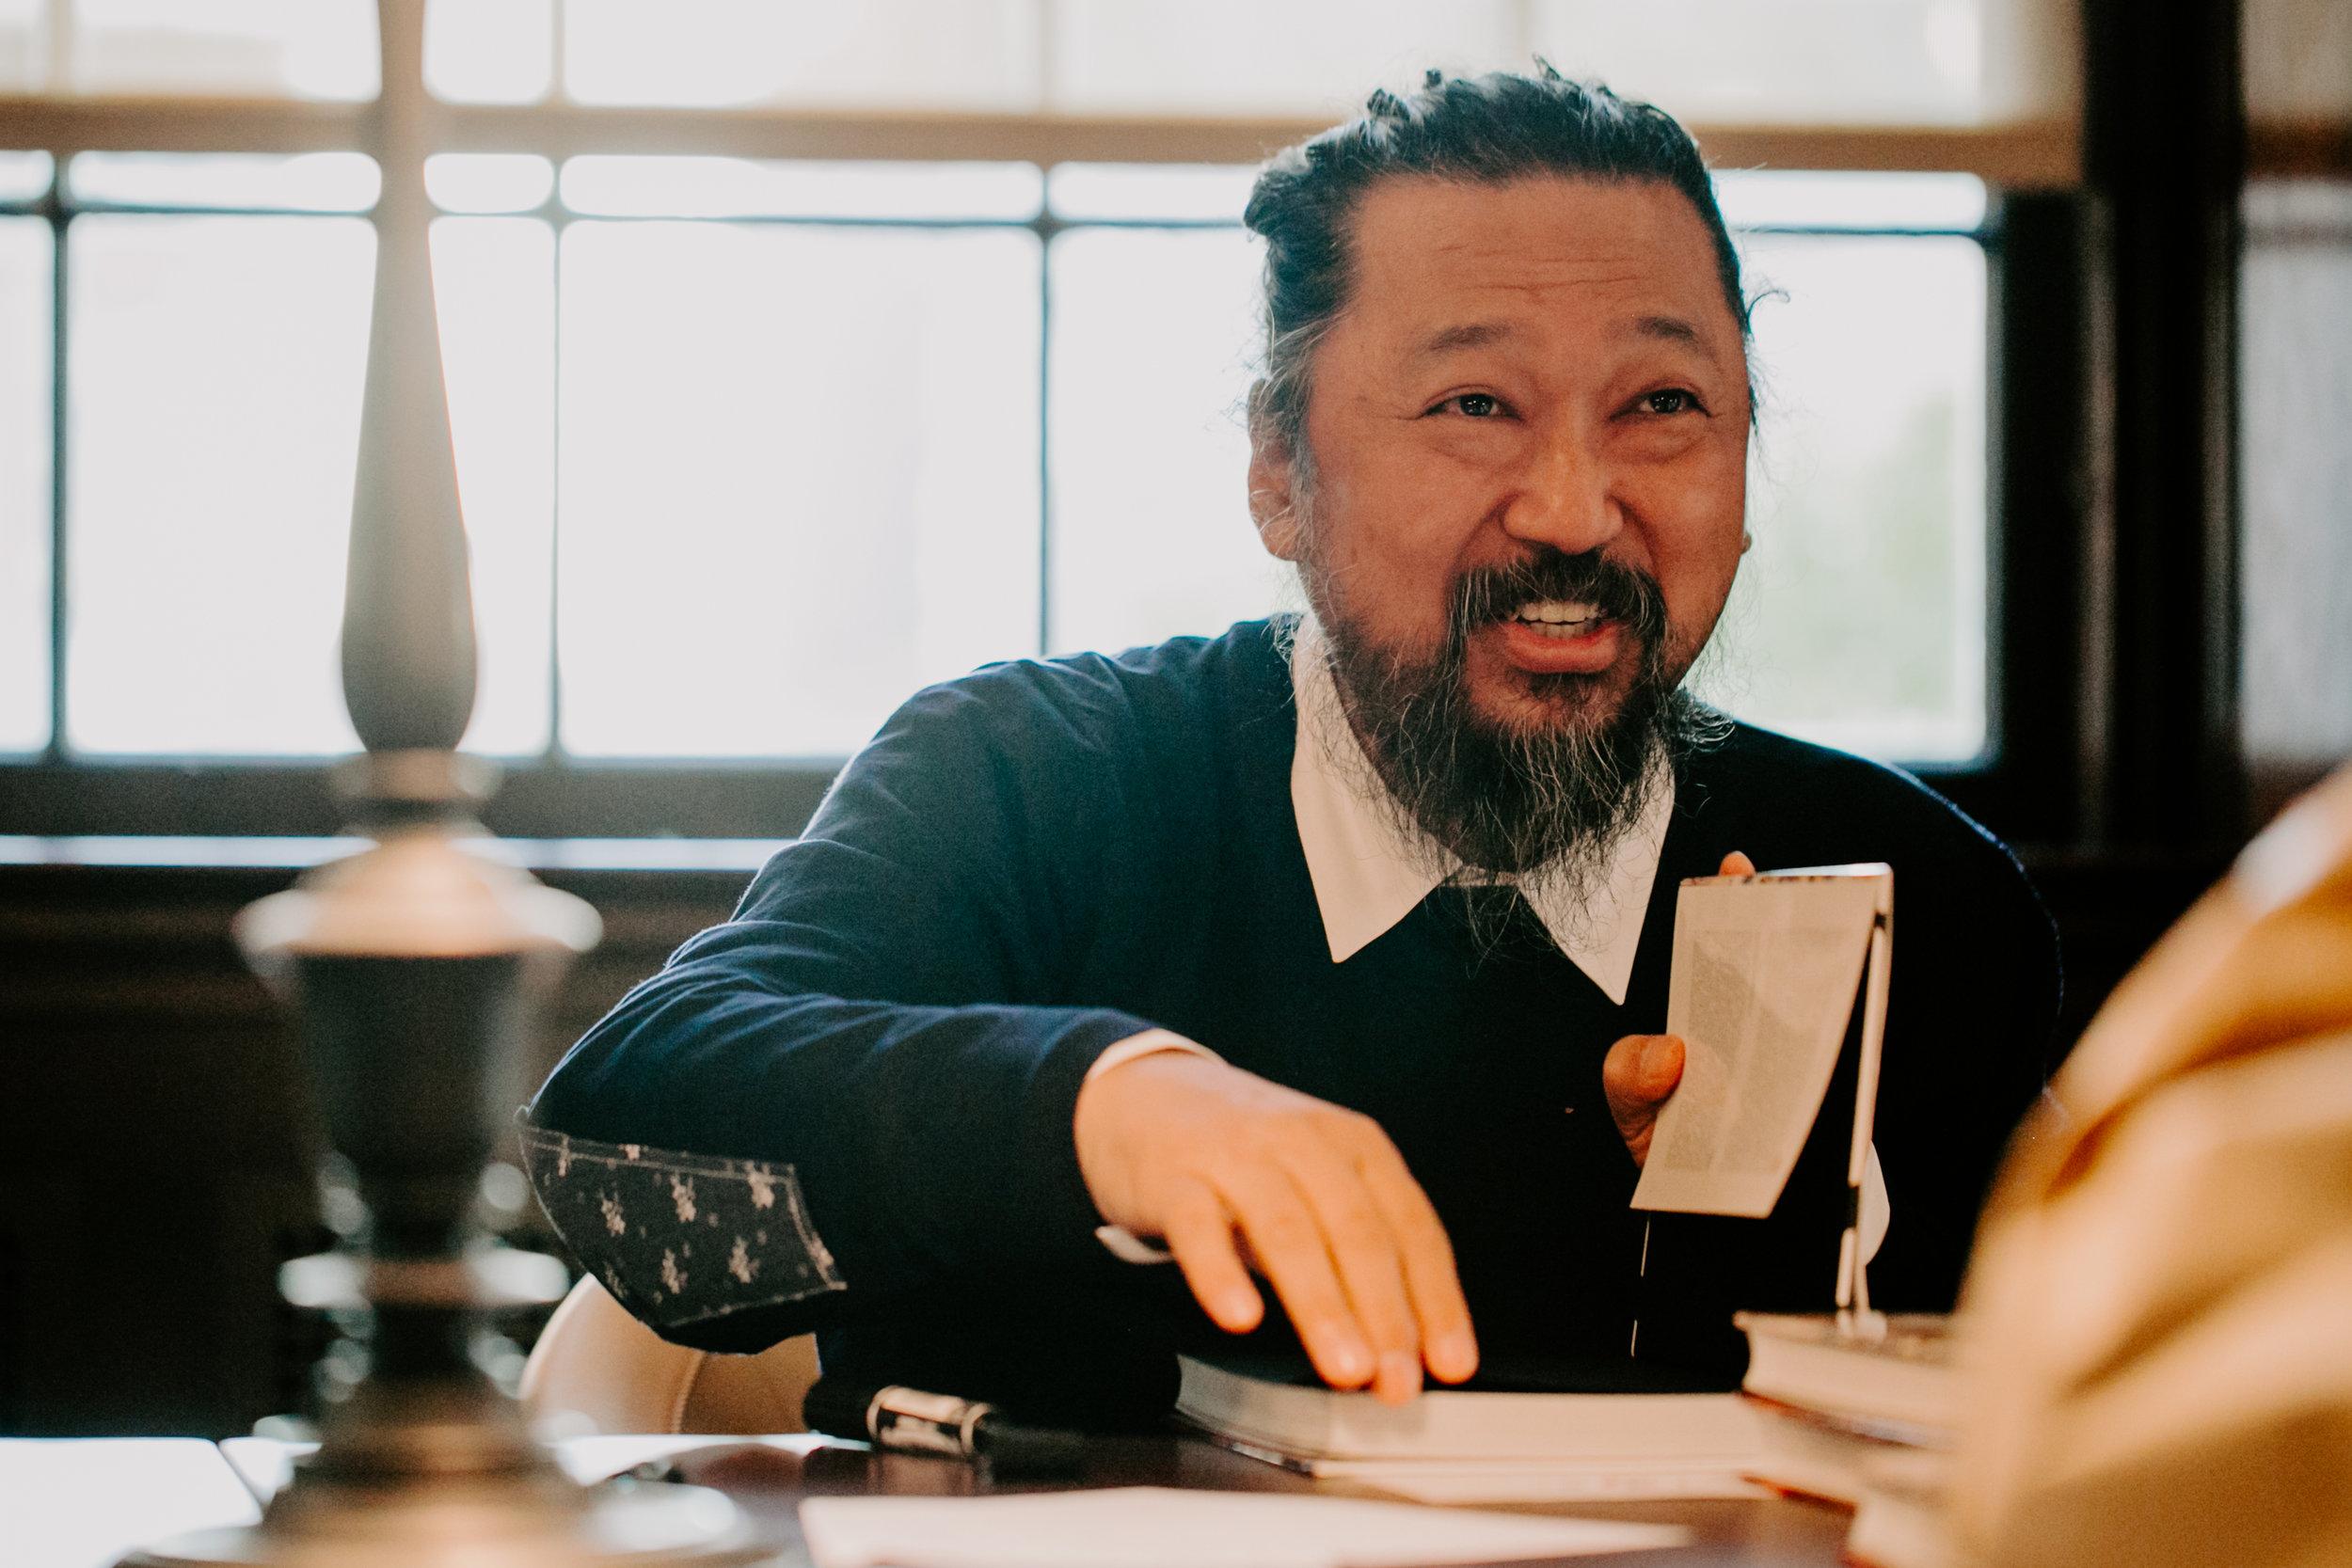 Takashi Murakami, Battle Royale! Book Launch, NYC 2017